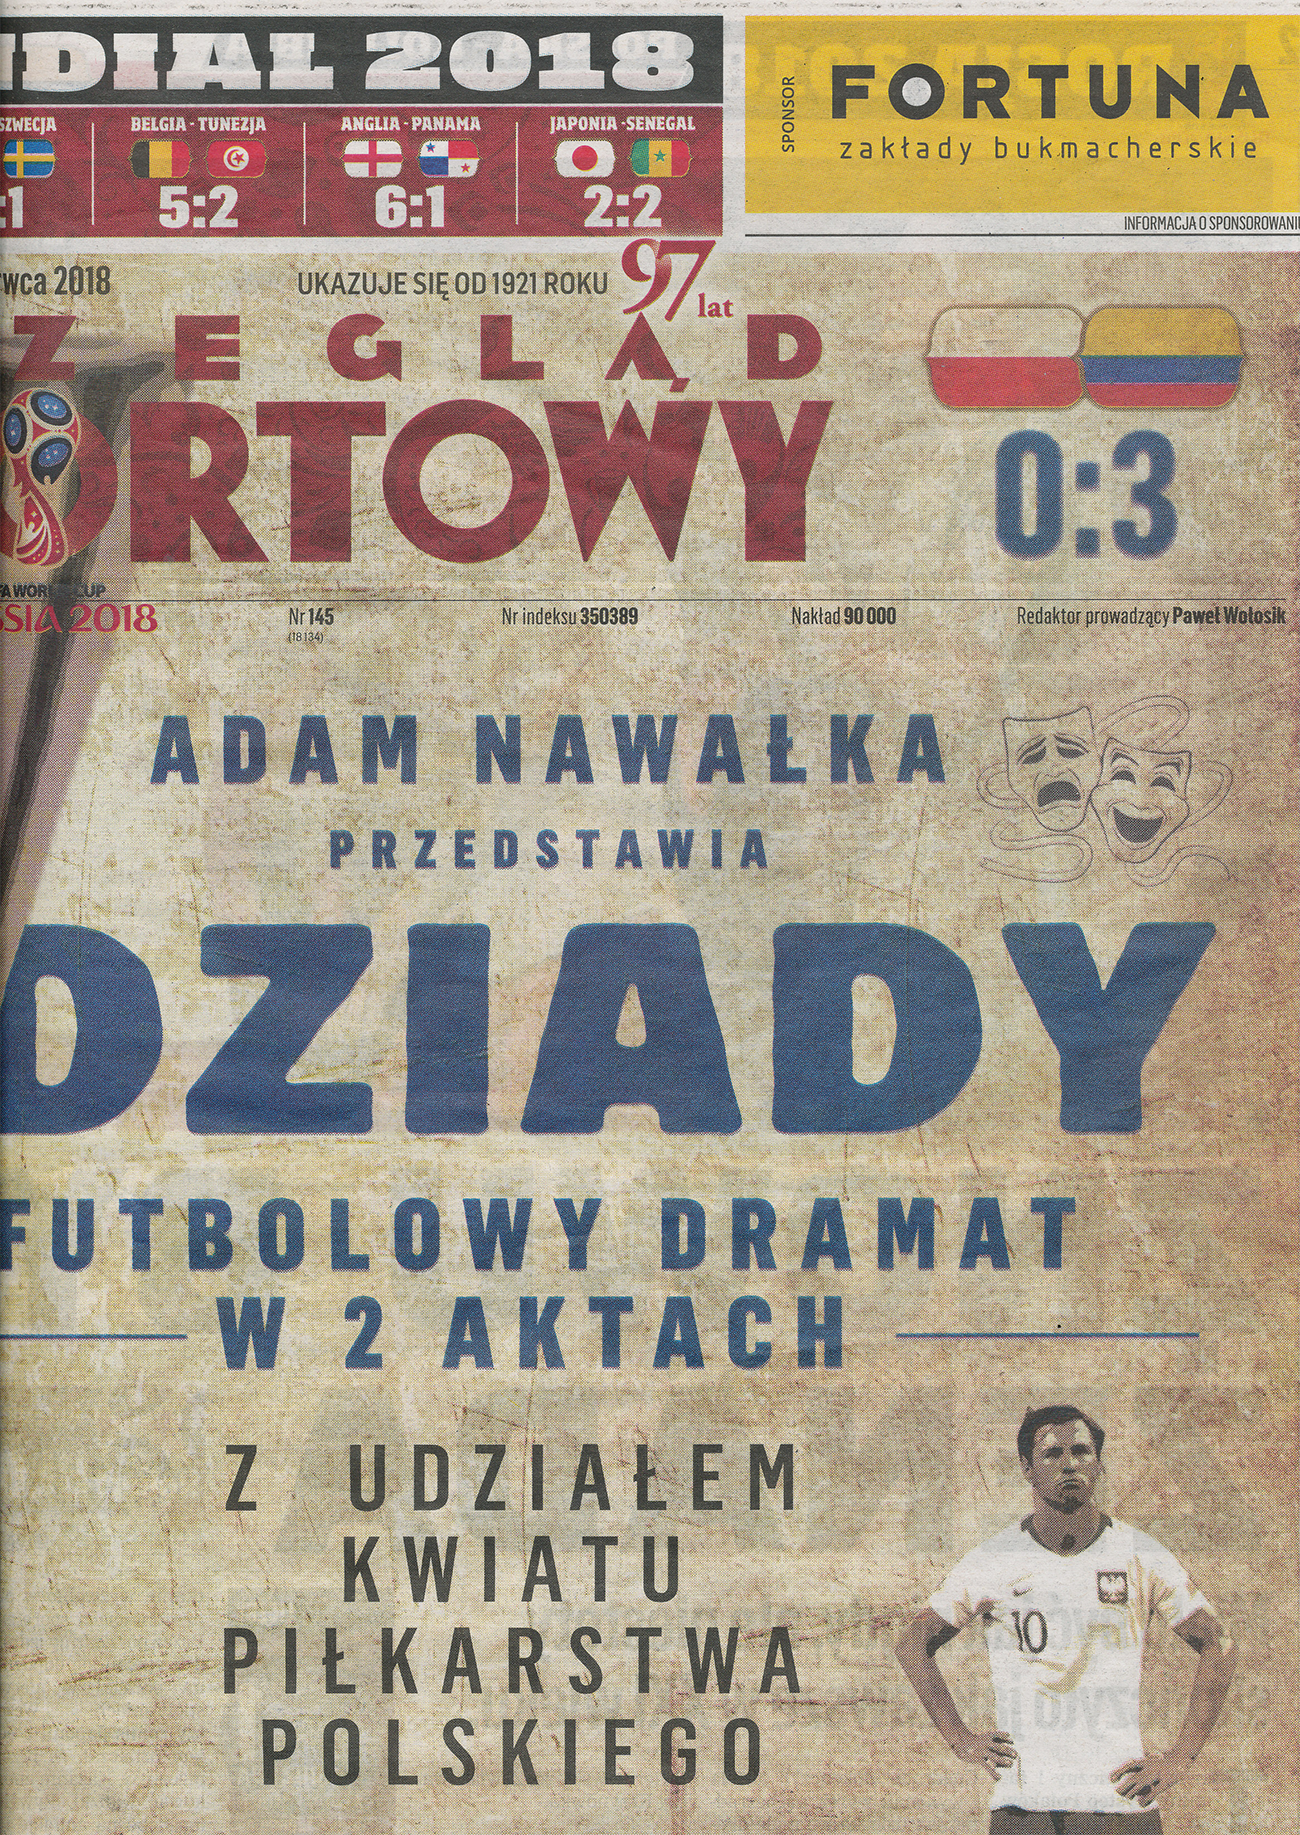 przeglad_sportowy_25.06